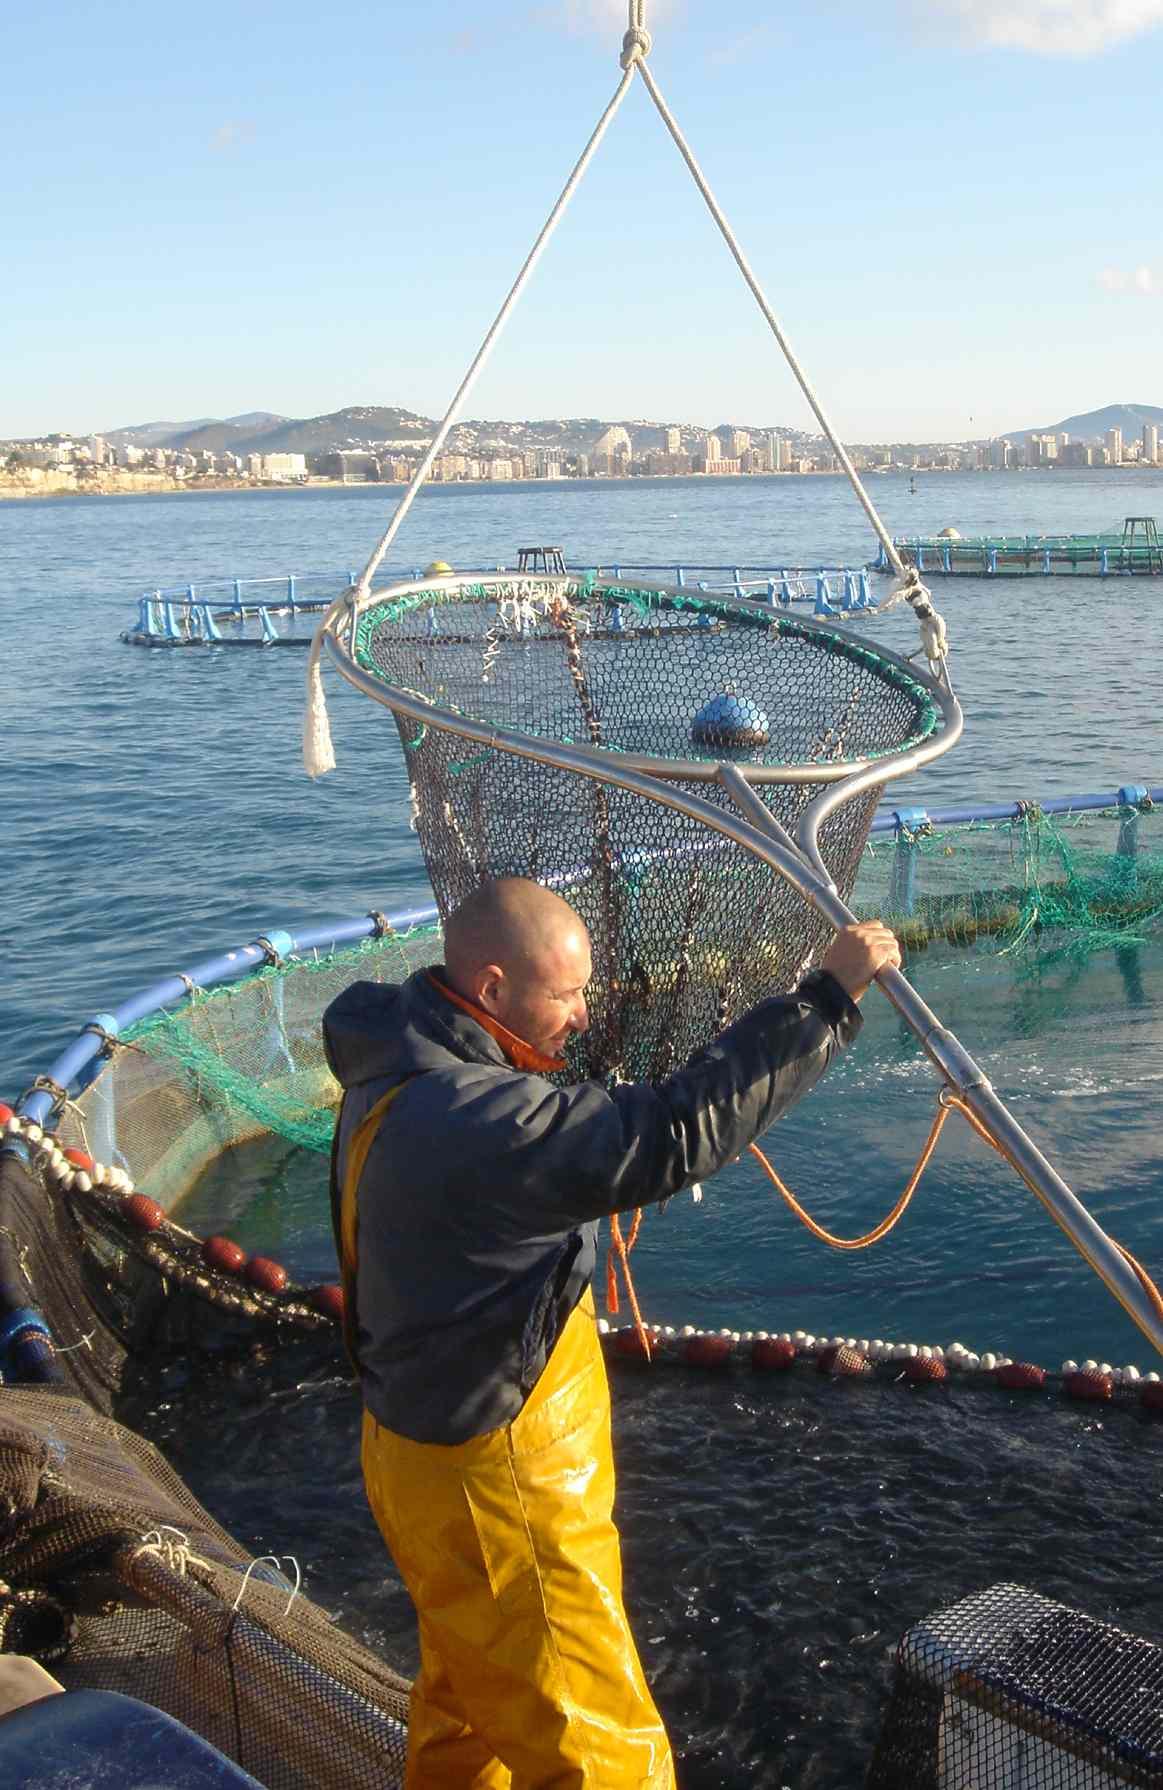 Trabajador de acuicultura